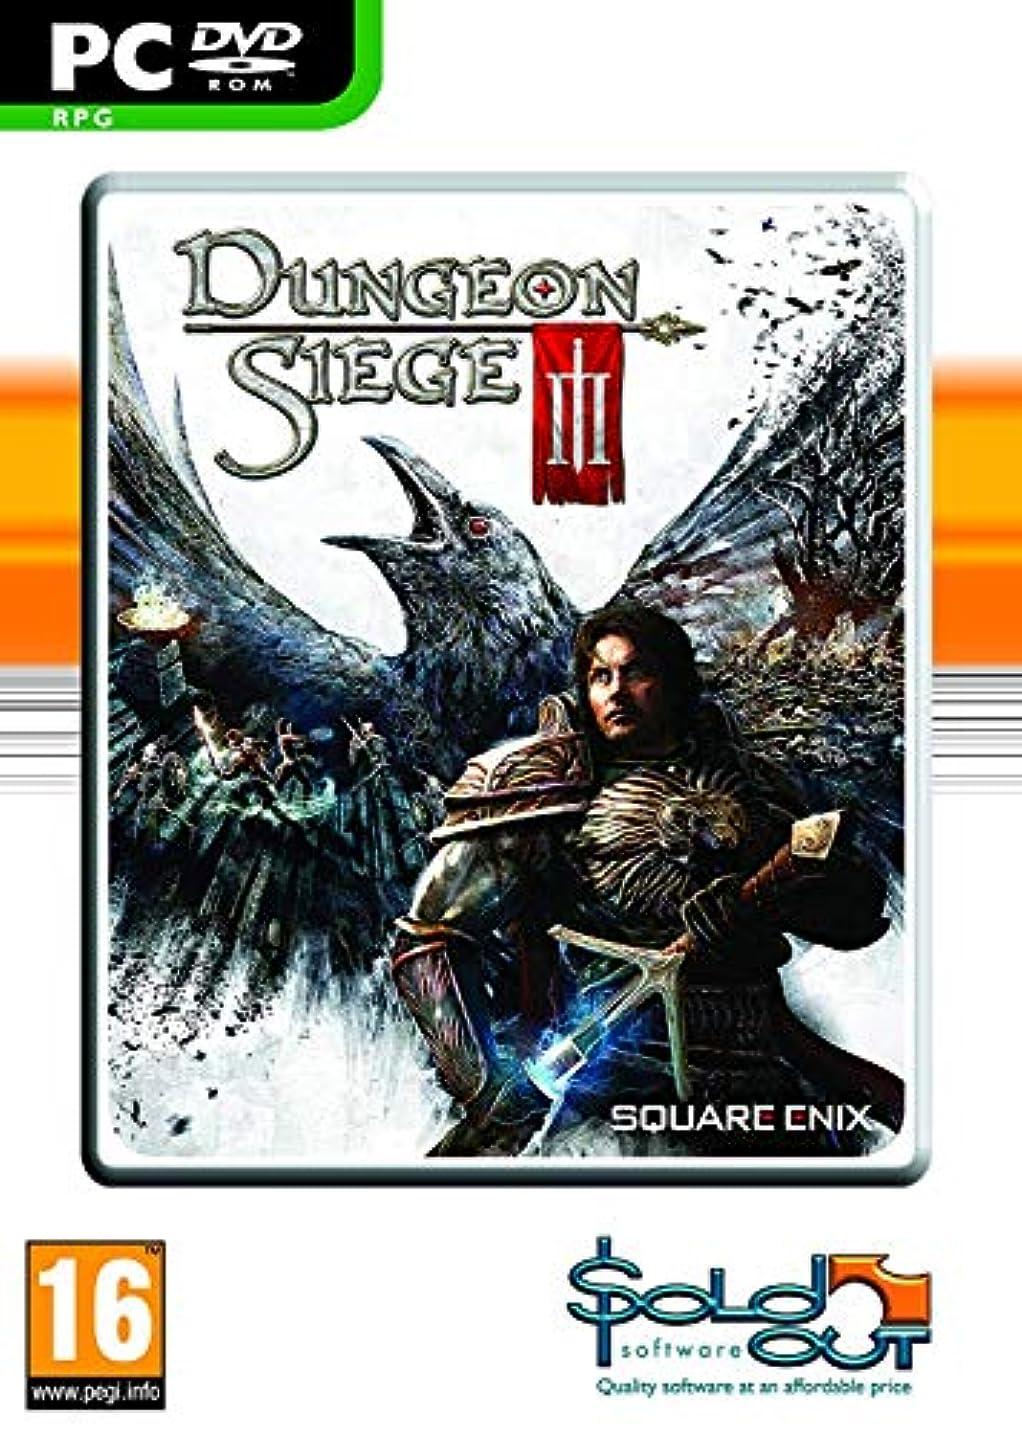 キリスト教二年生ジャーナリストDungeon Siege III (PC DVD) (輸入版)